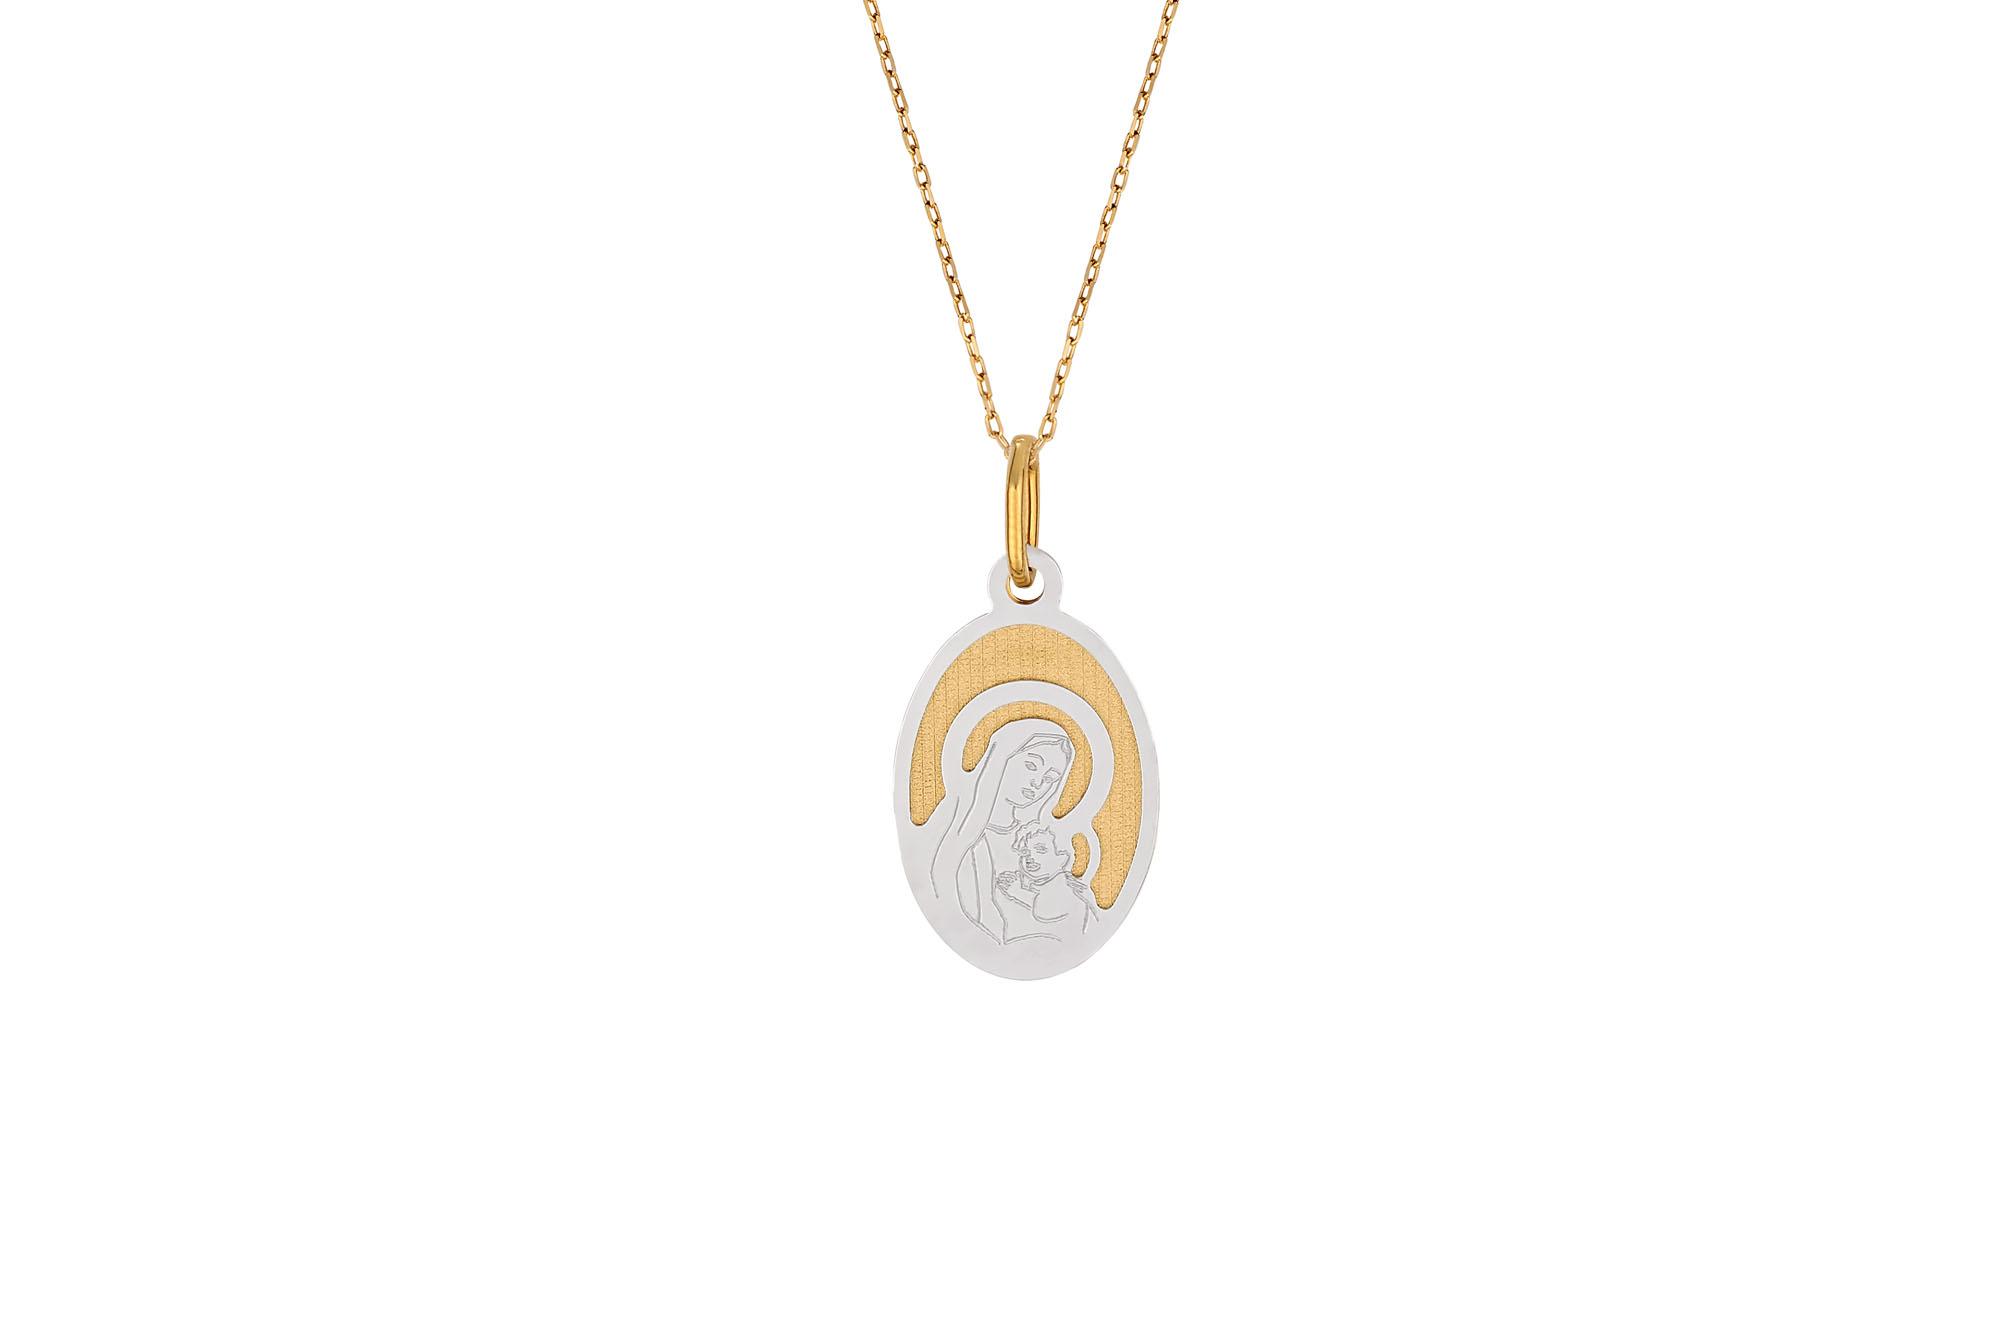 Φυλαχτό-Παναγία Χρυσό Και Λευκόχρυσο – Jewelor eb8b57cd1b9